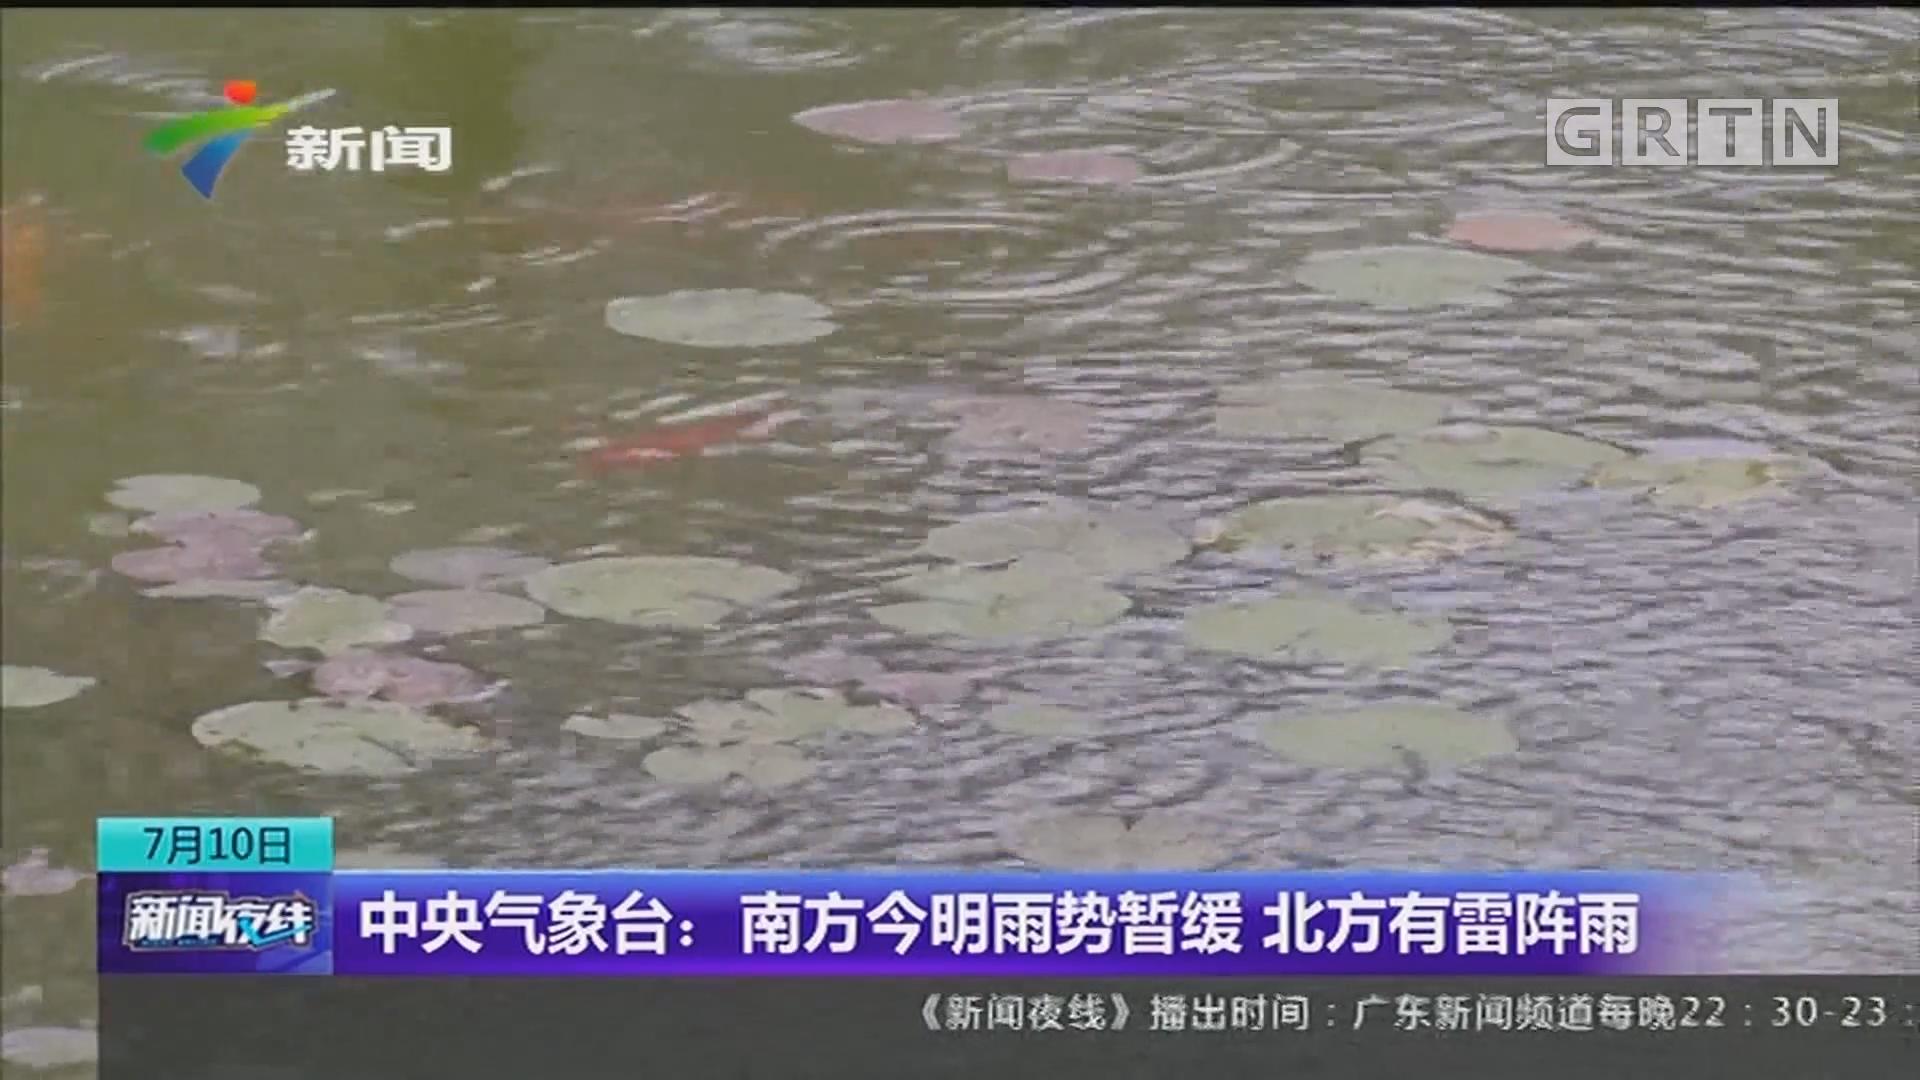 中央气象台:南方今明雨势暂缓 北方有雷阵雨